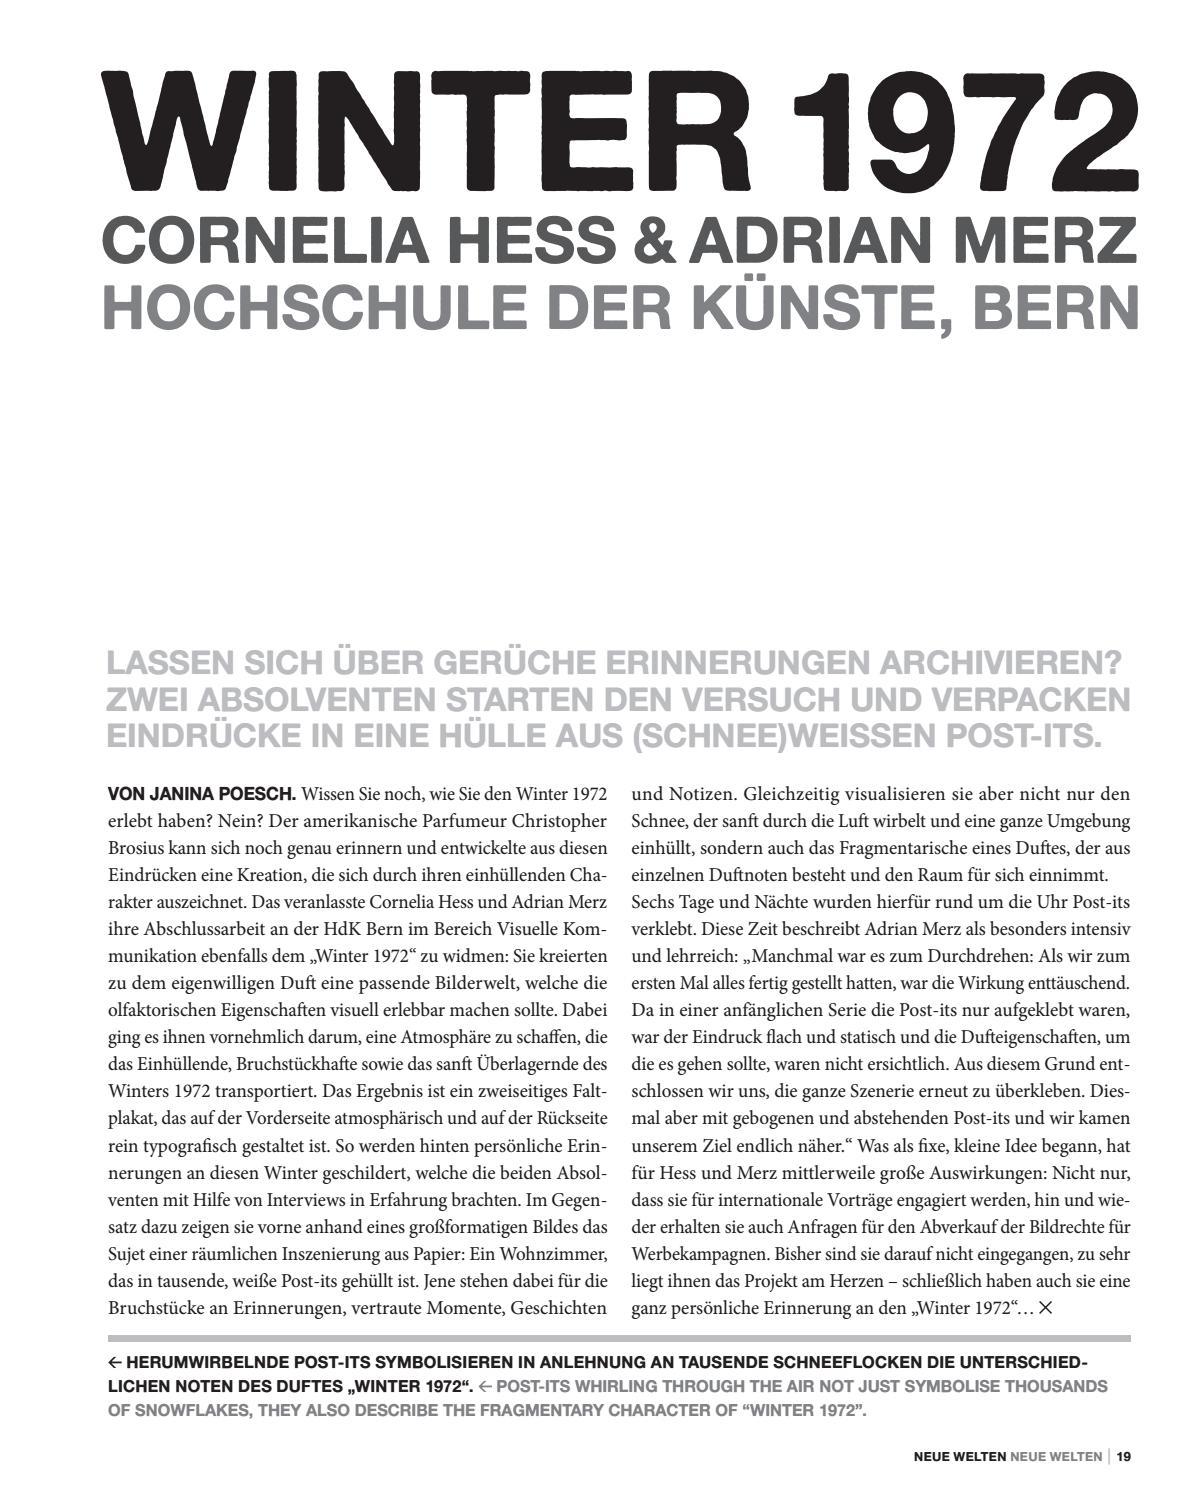 winter 1972 cornelia hess adrian merz